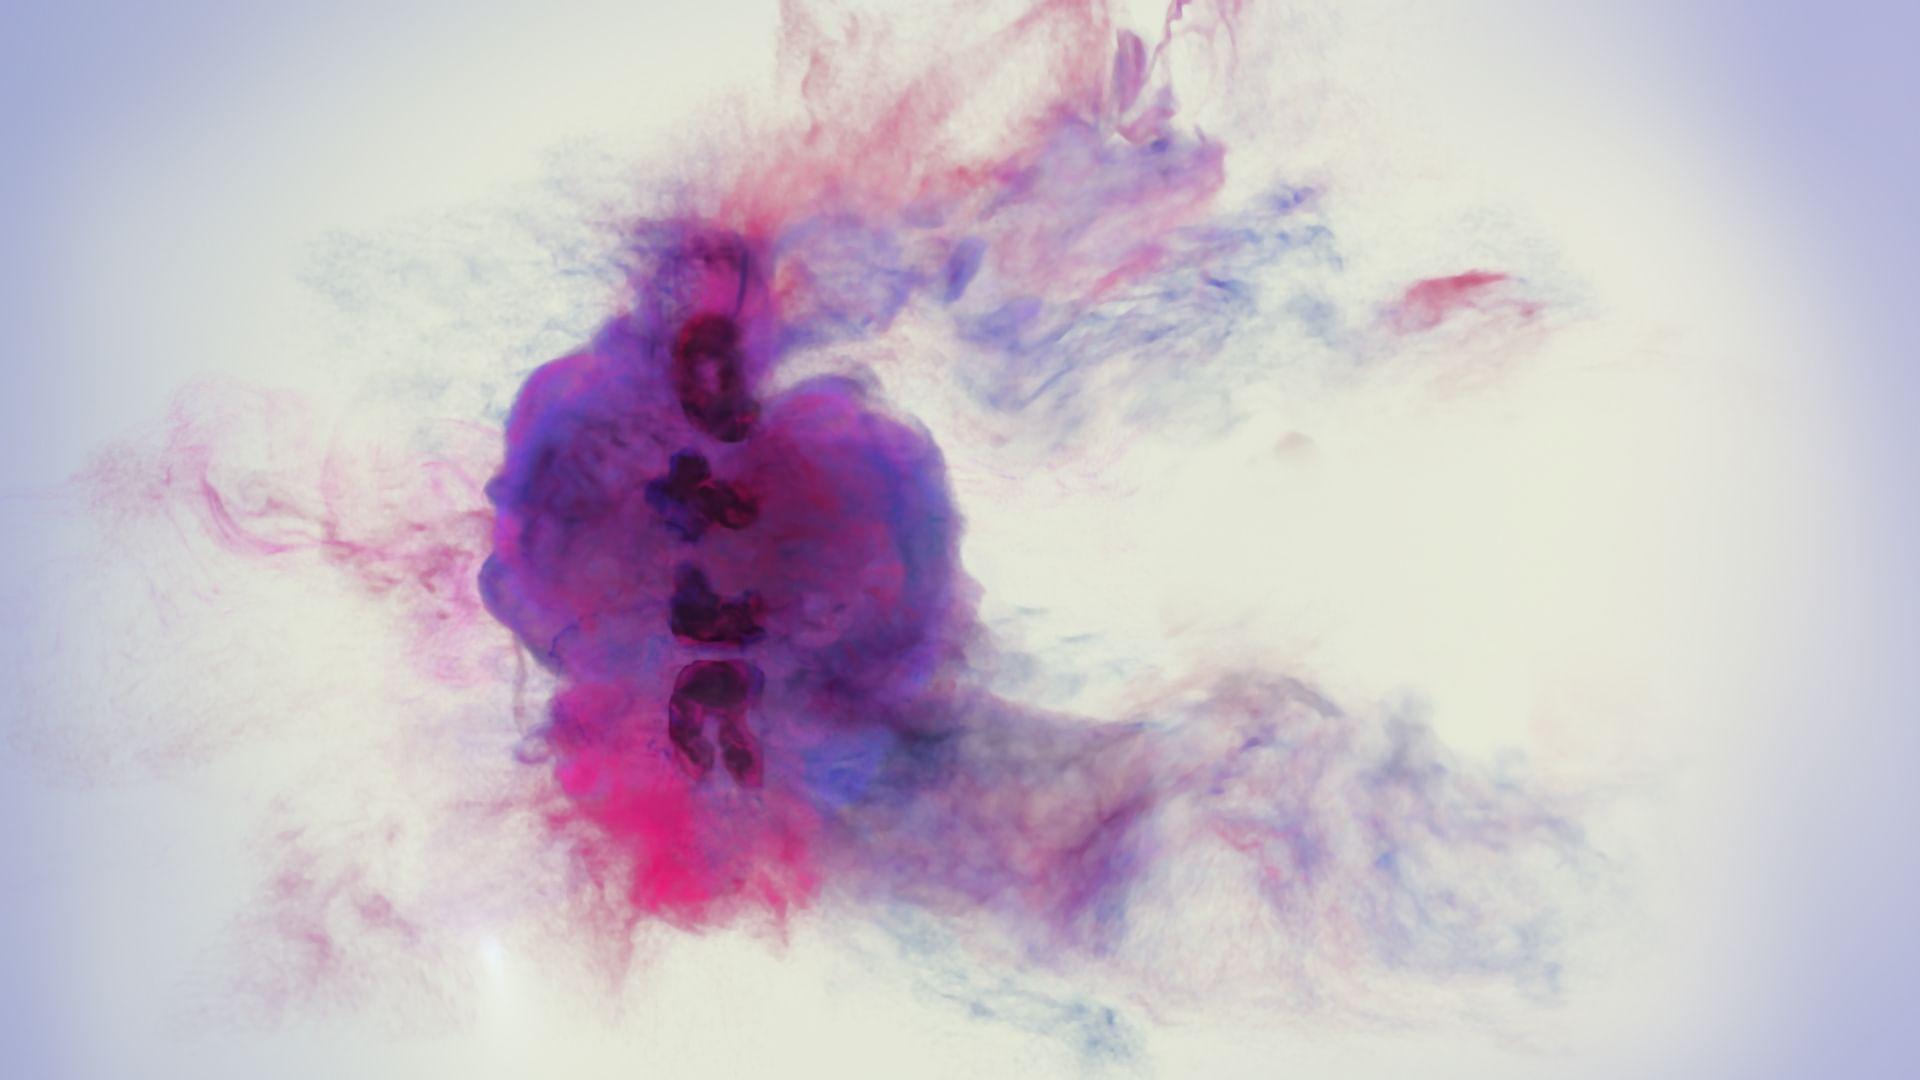 Jak przebiega oficjalny wybór na kanclerza Niemiec?